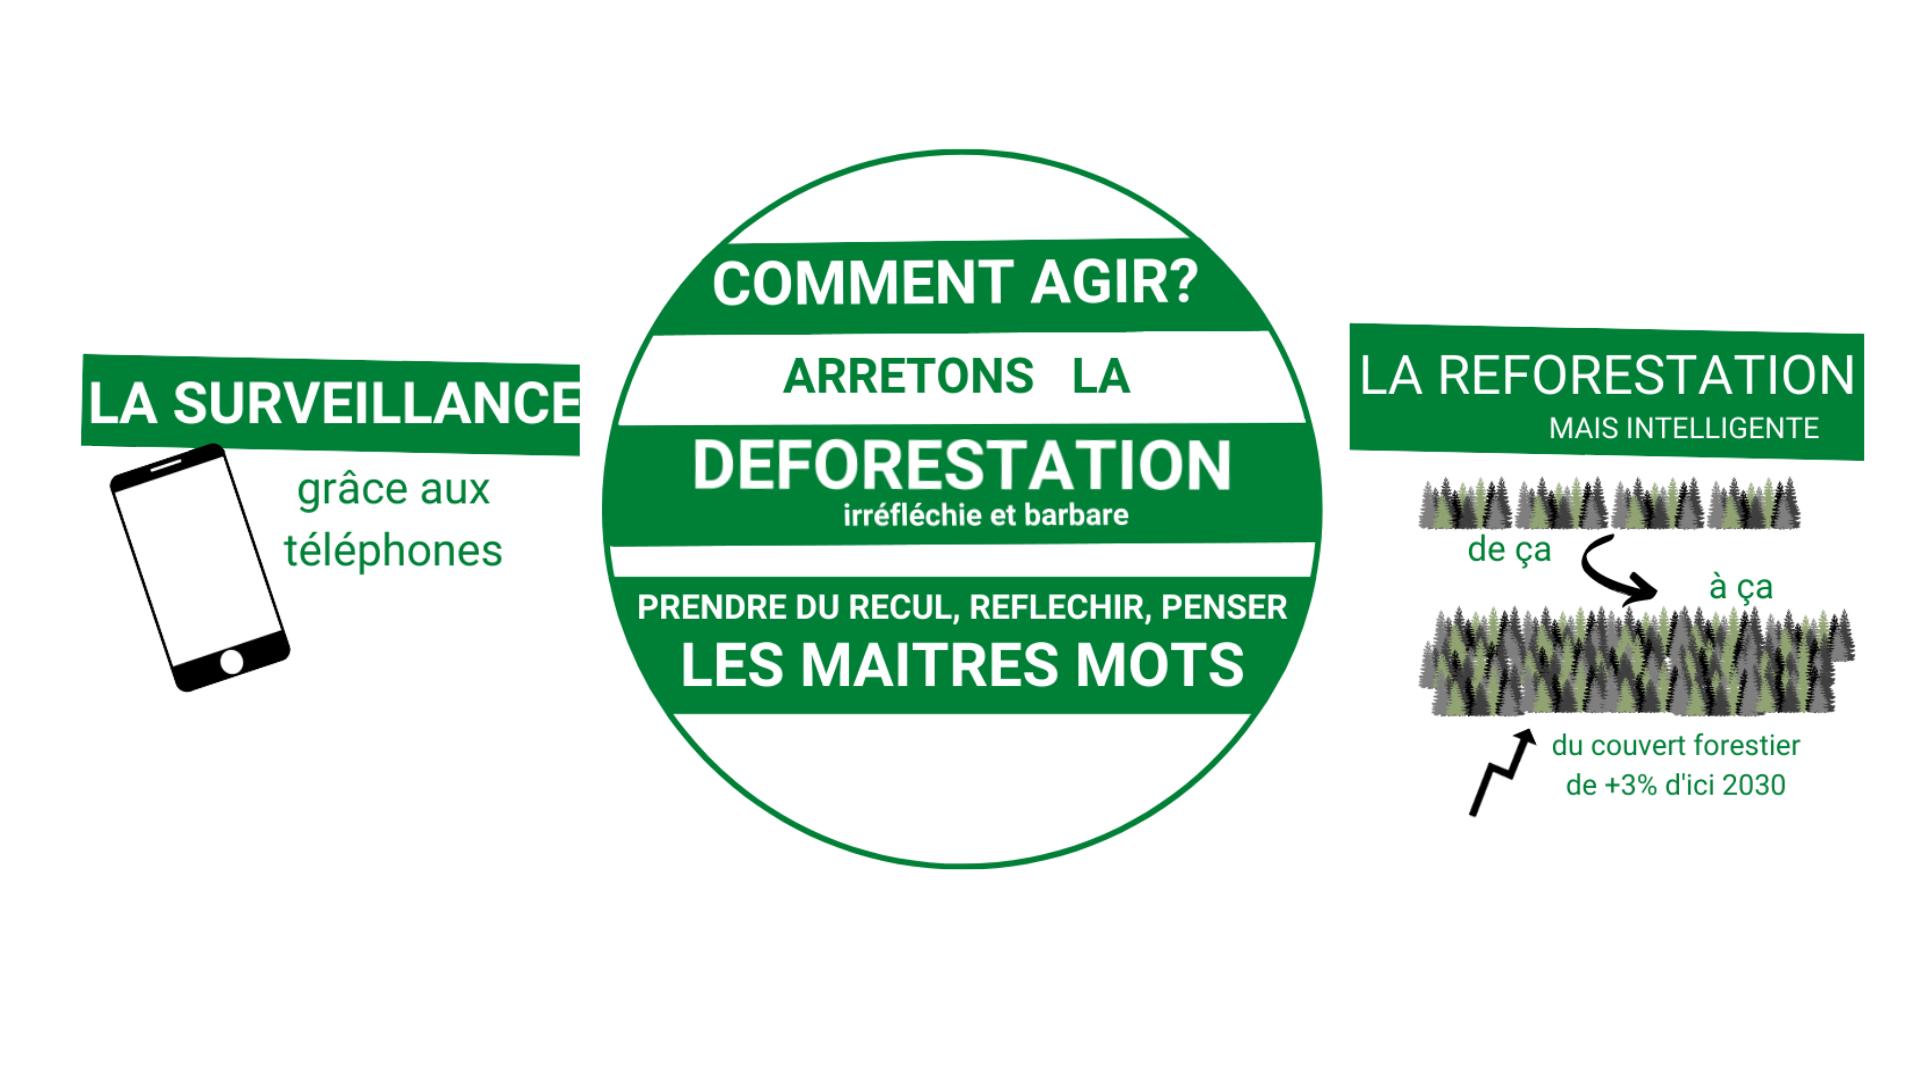 Comment agir contre la deforestation